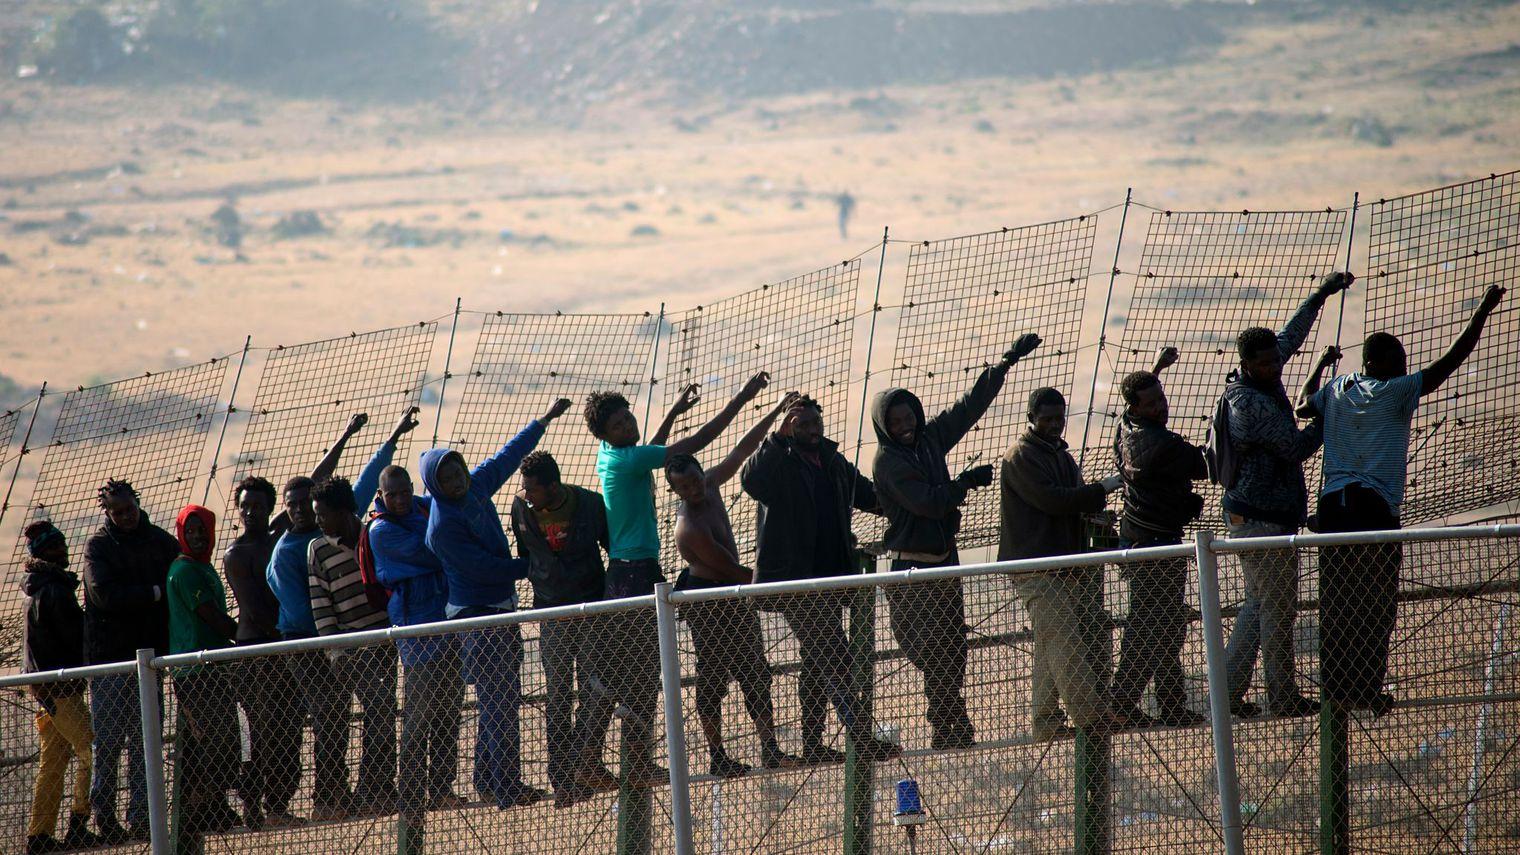 des-immigrants-d-origine-subsaharienne-a-la-frontiere-qui-separe-le-maroc-de-l-enclave-espagnole-de-melilla-le-1er-mai-2014_4900915